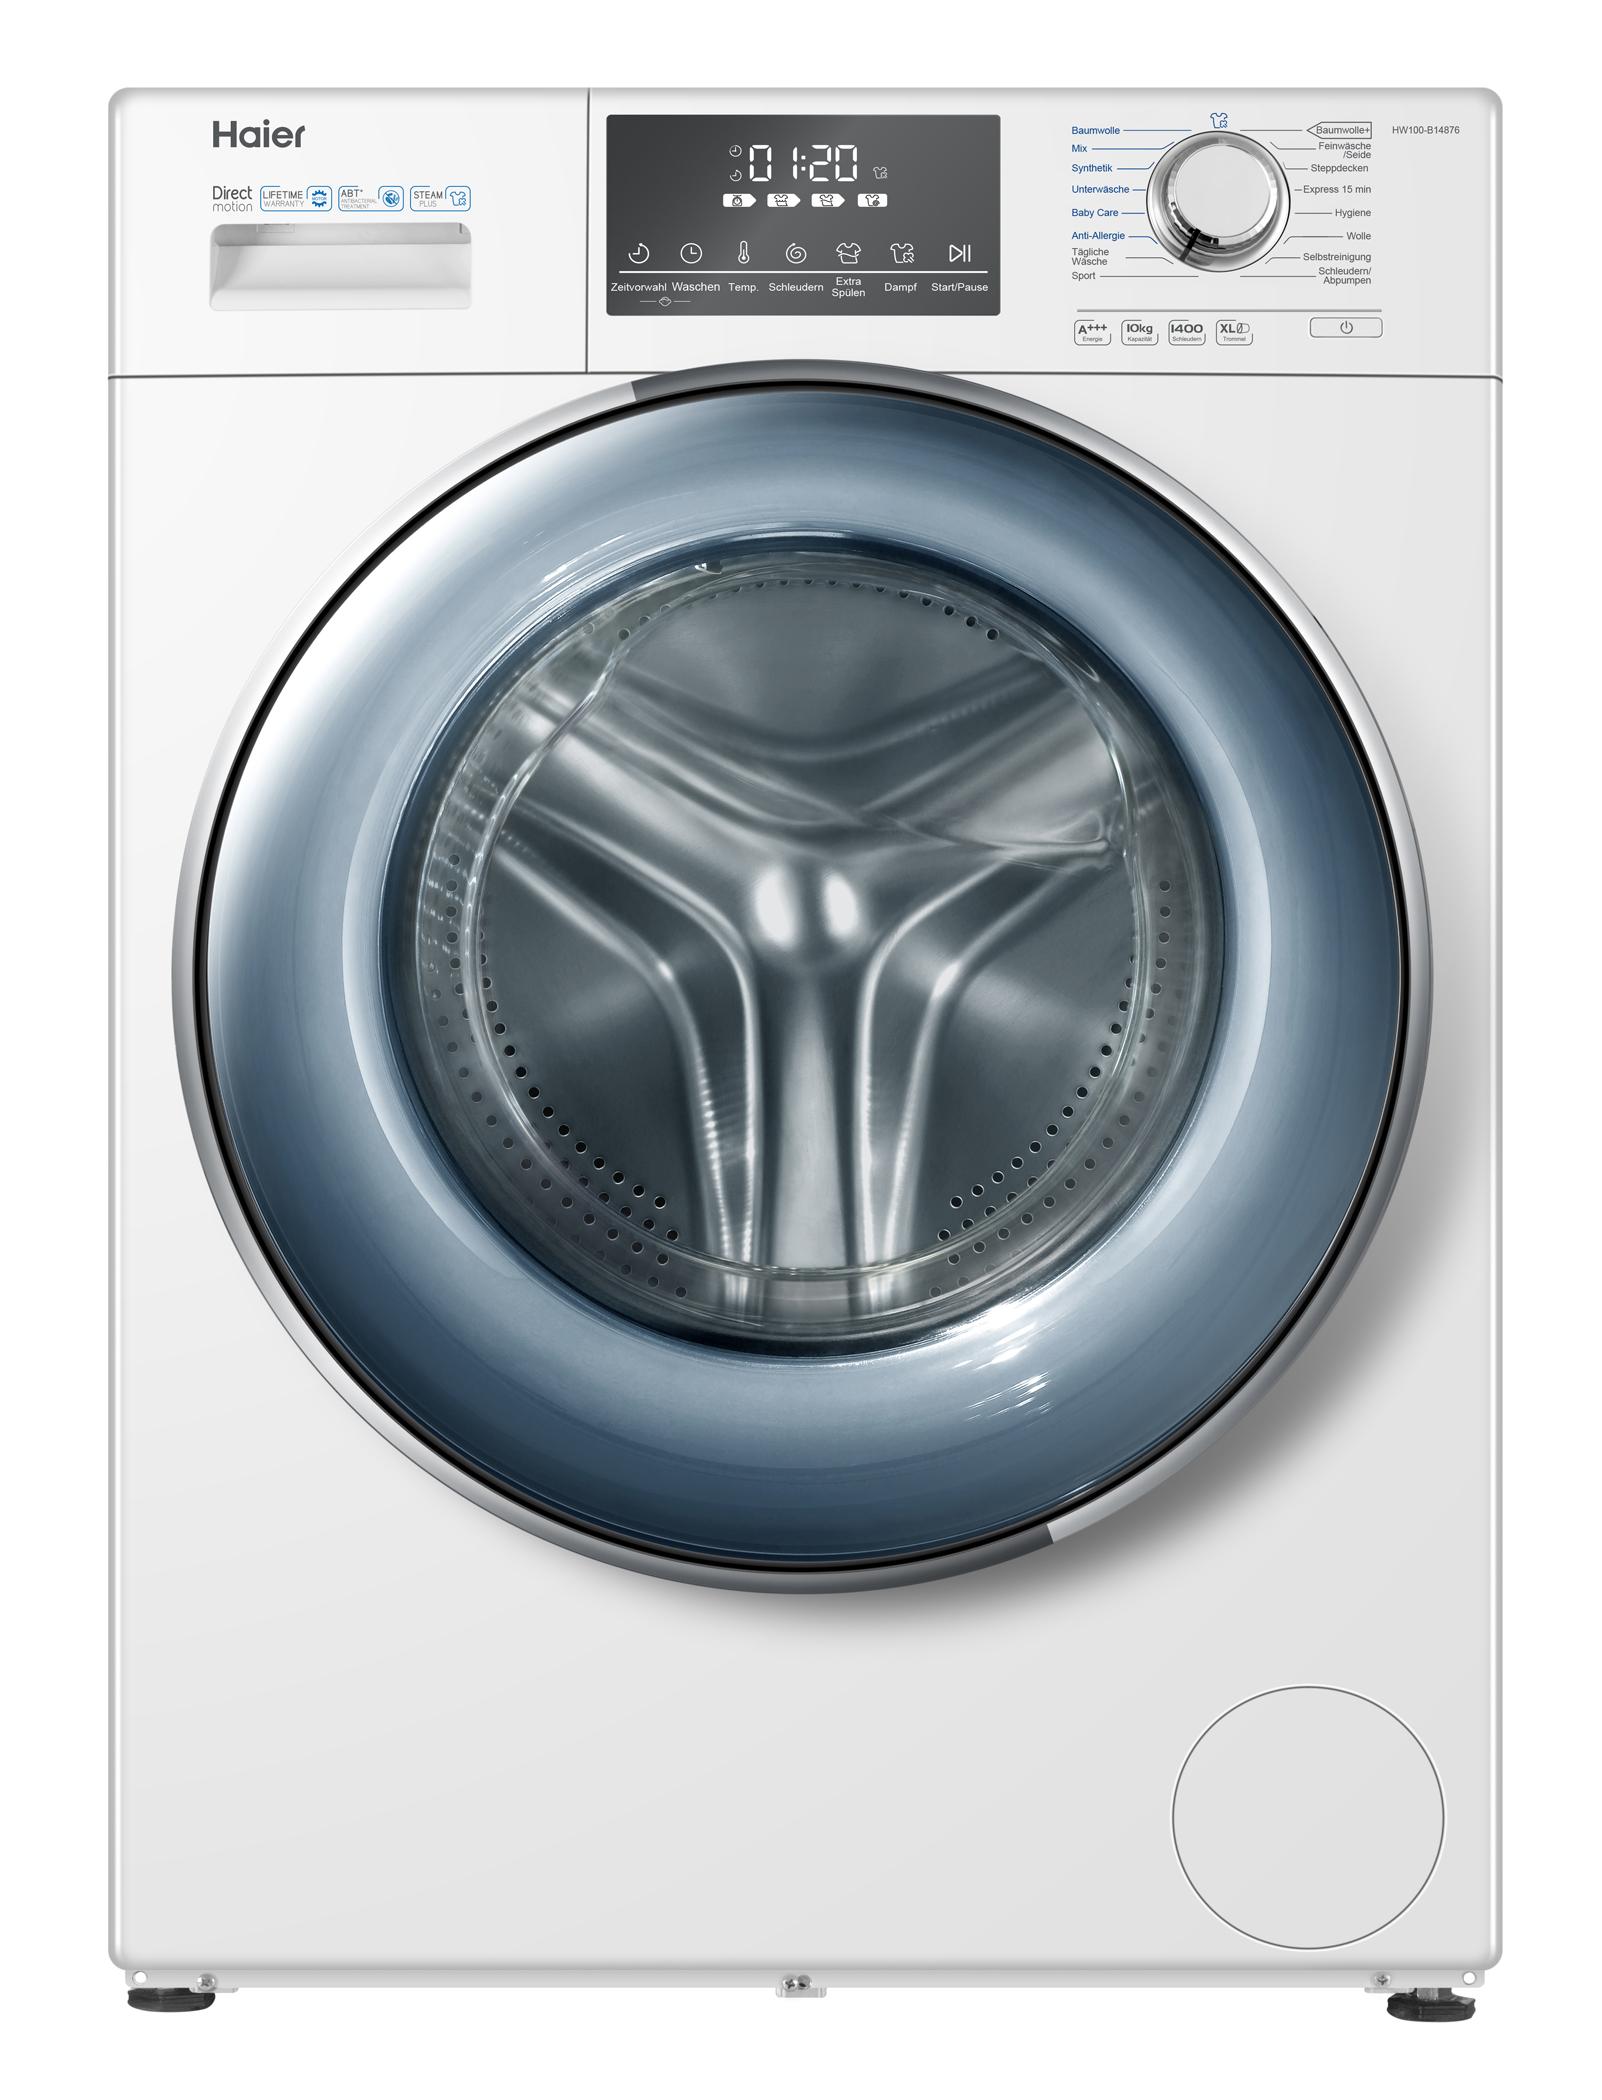 <h1>Haier Waschmaschine HW100-B14876</h1><h3 style='font-size: 20px; margin: 0px 0px 15px 0px;'> -65 dB leise beim Schleudern, 10 kg Fassungsvermögen</h3>